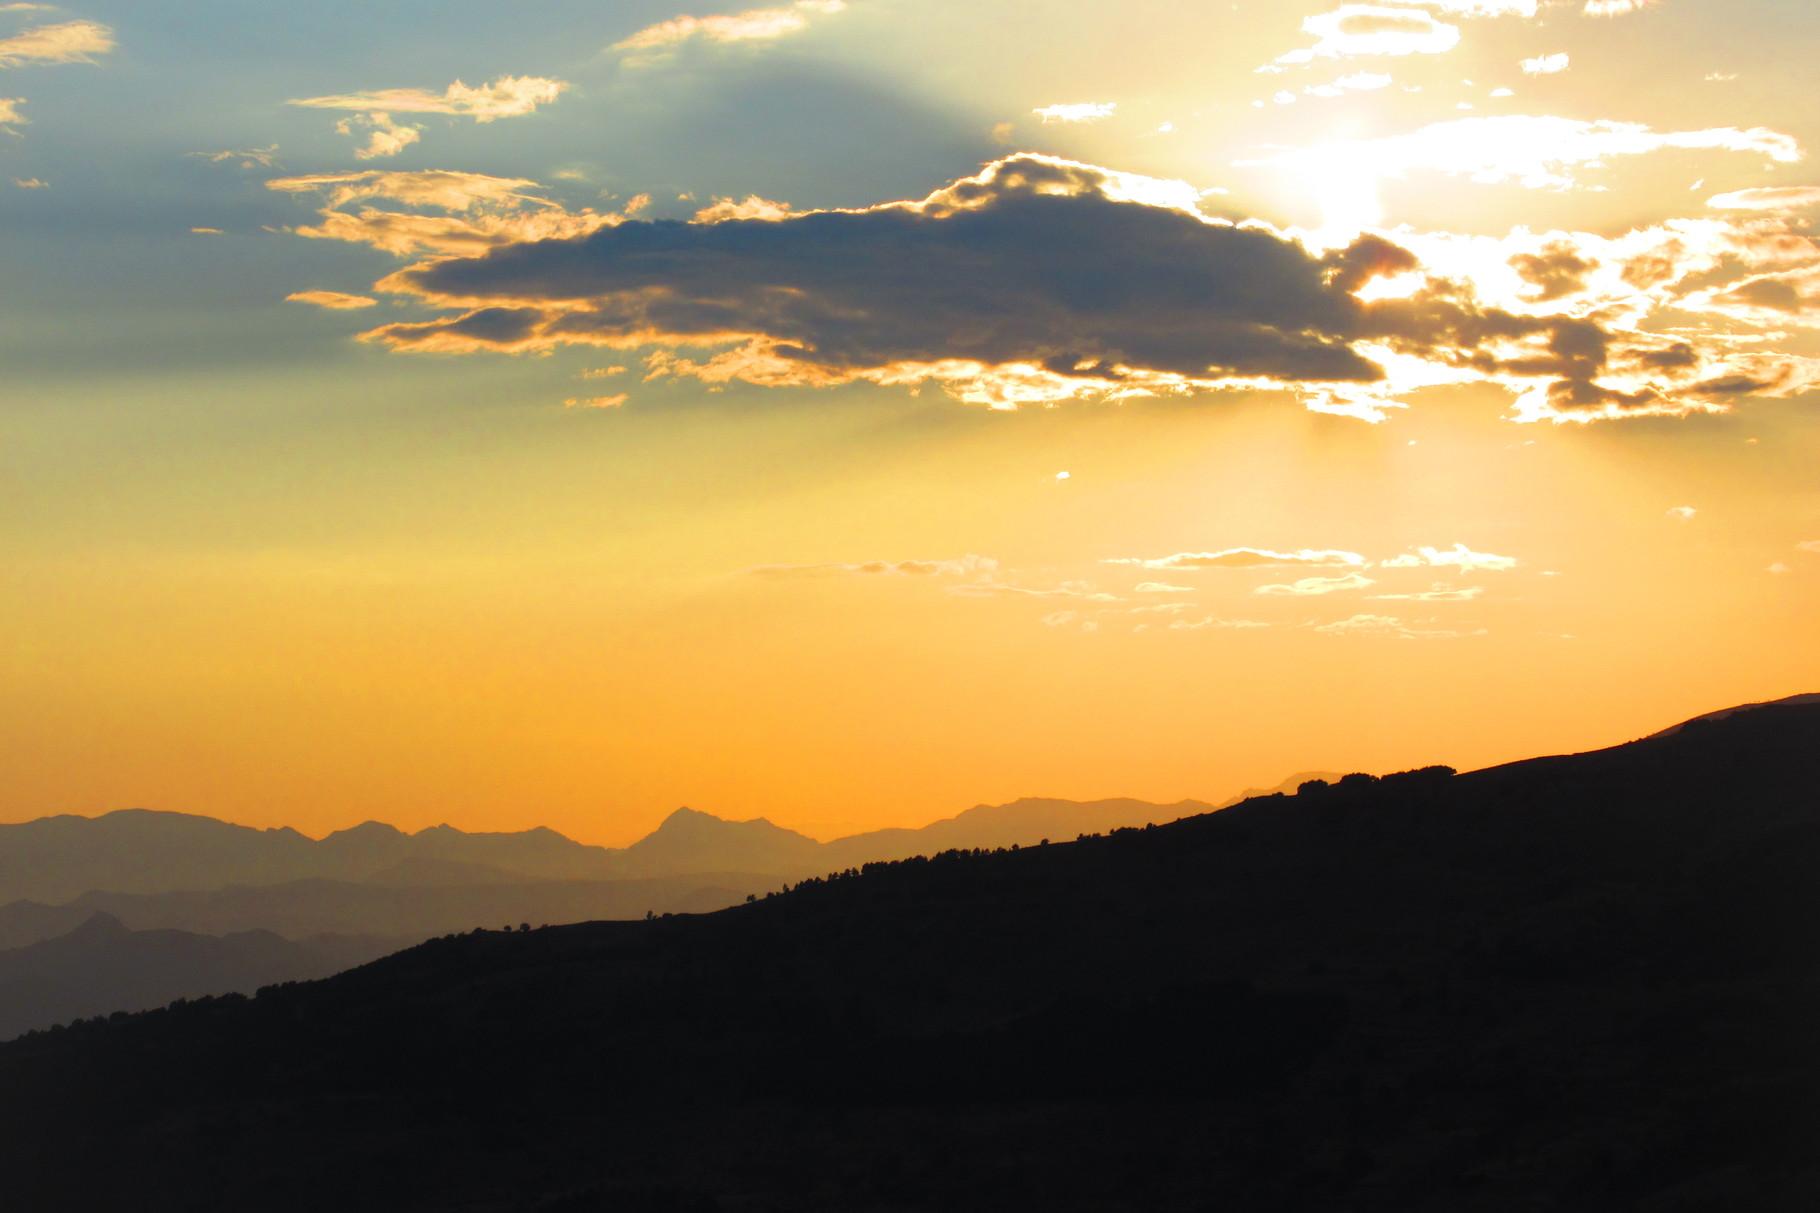 Soleil couchant sur la Sierra Nevada ( Andalousie )